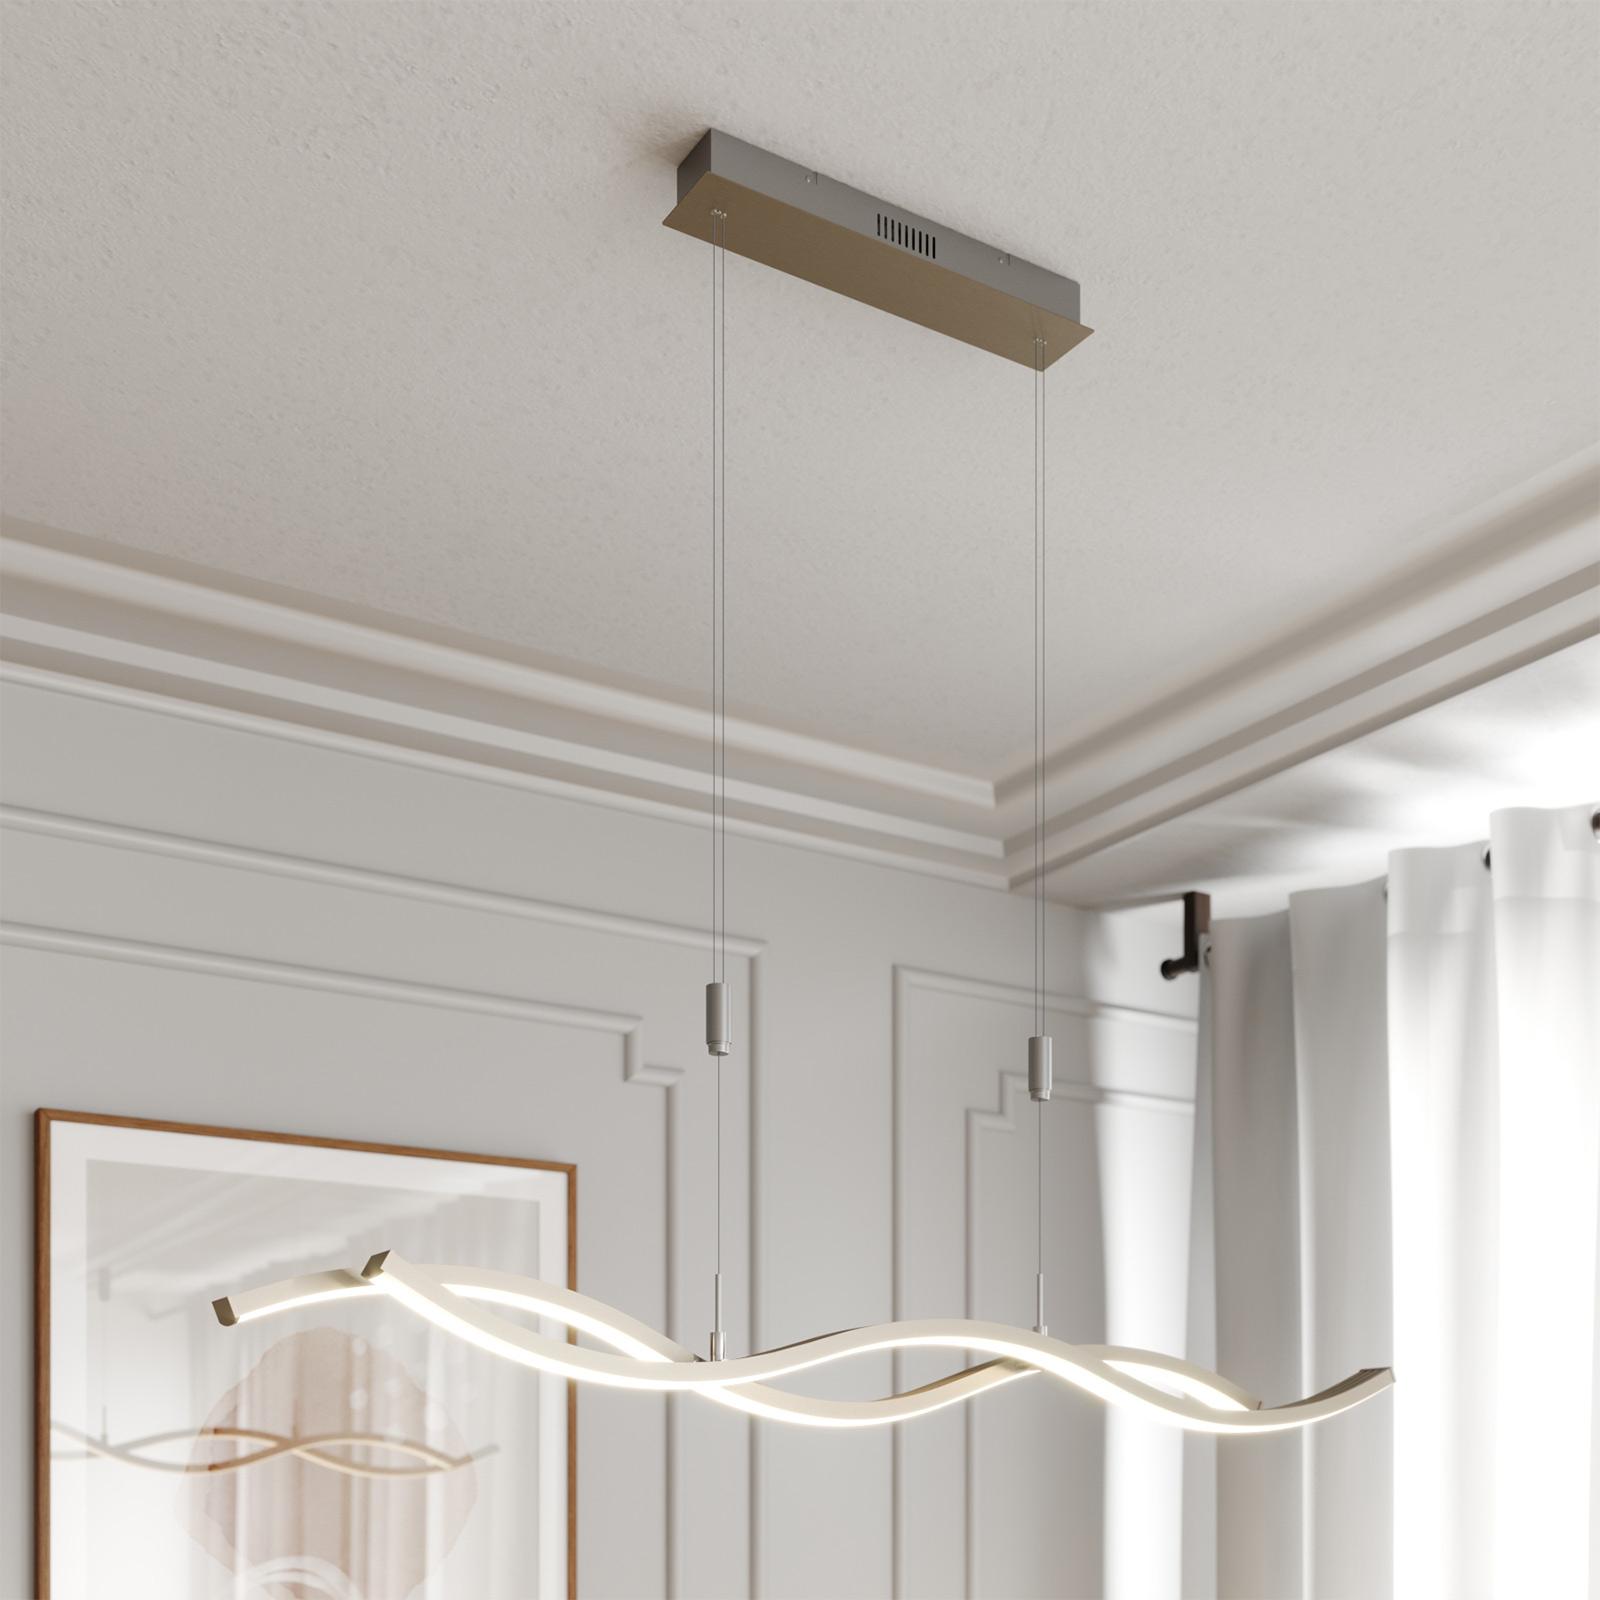 Lucande Mairia LED-Hängeleuchte, höhenverstellbar